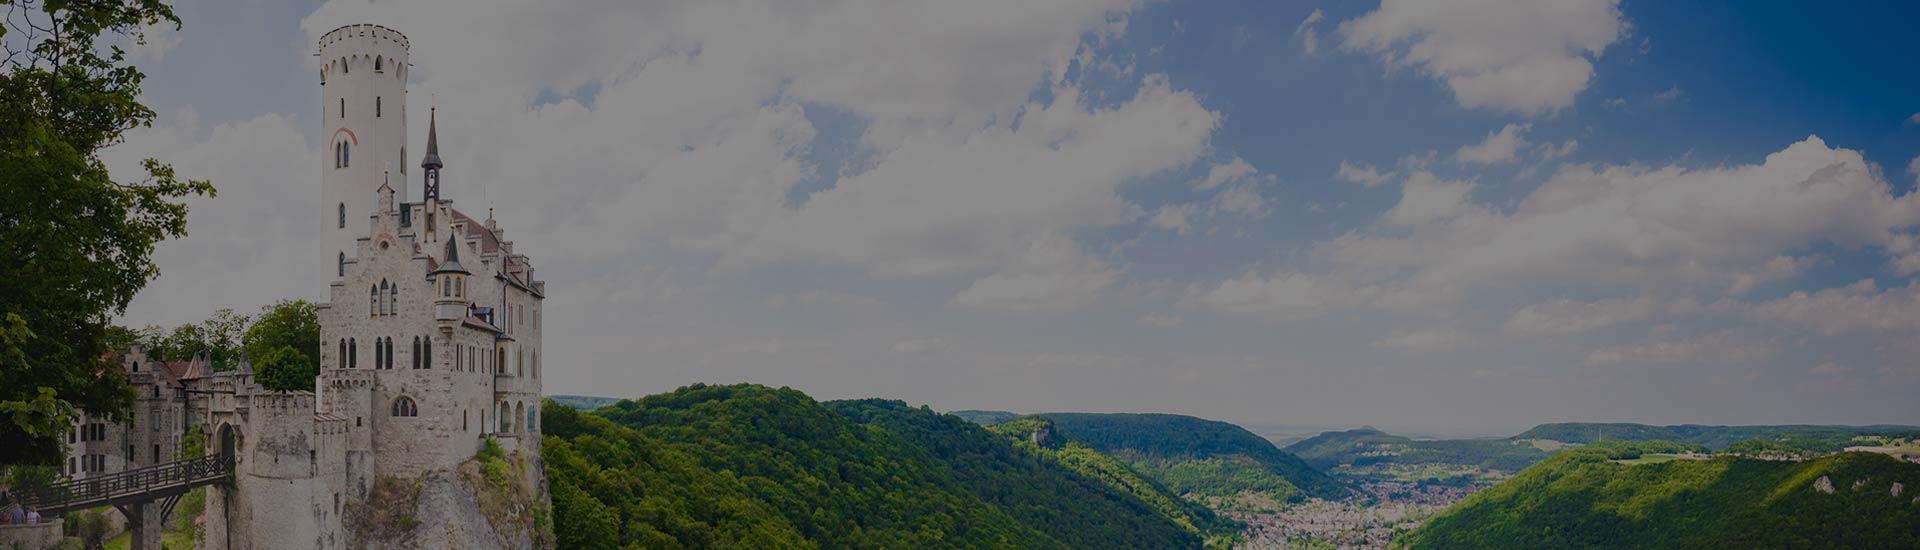 Speditionsunternehmen Liechtenstein